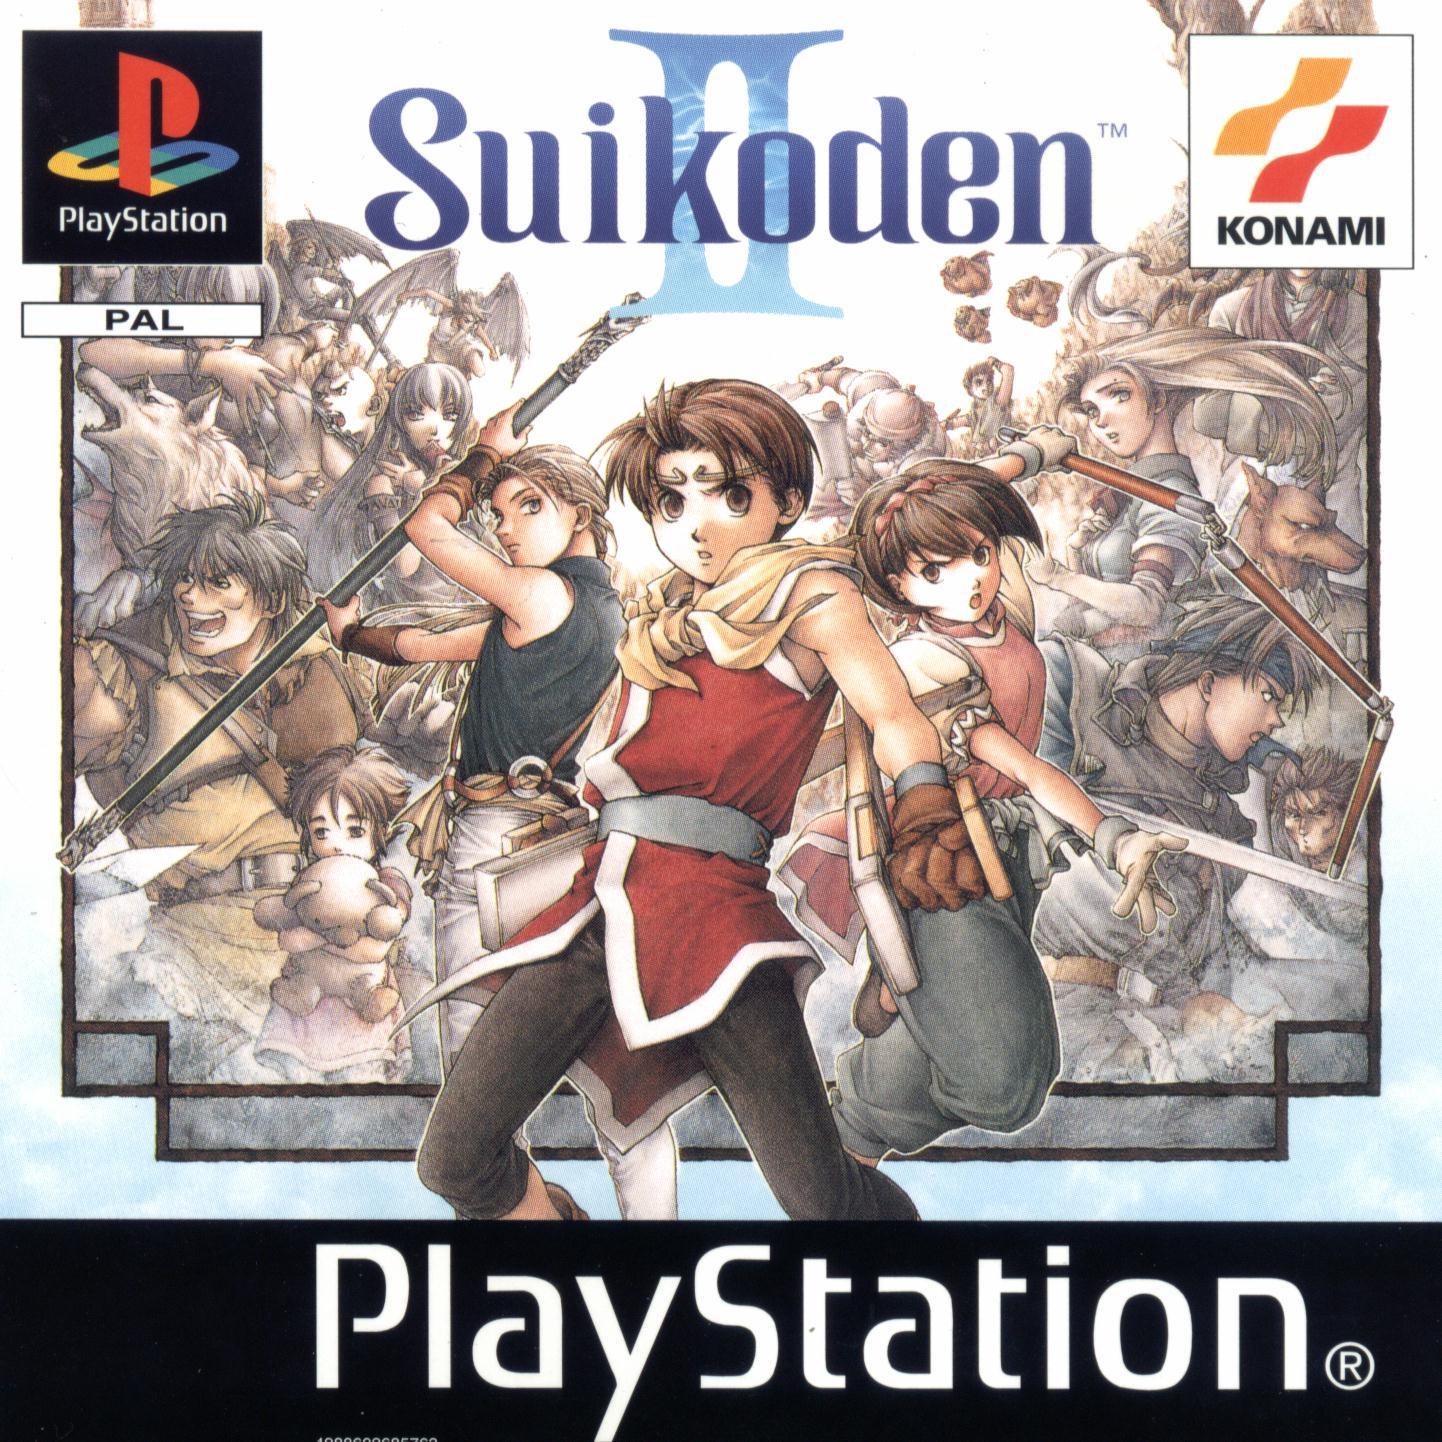 SUIKODEN 1 GameShark Code Action Replay & Tutorial